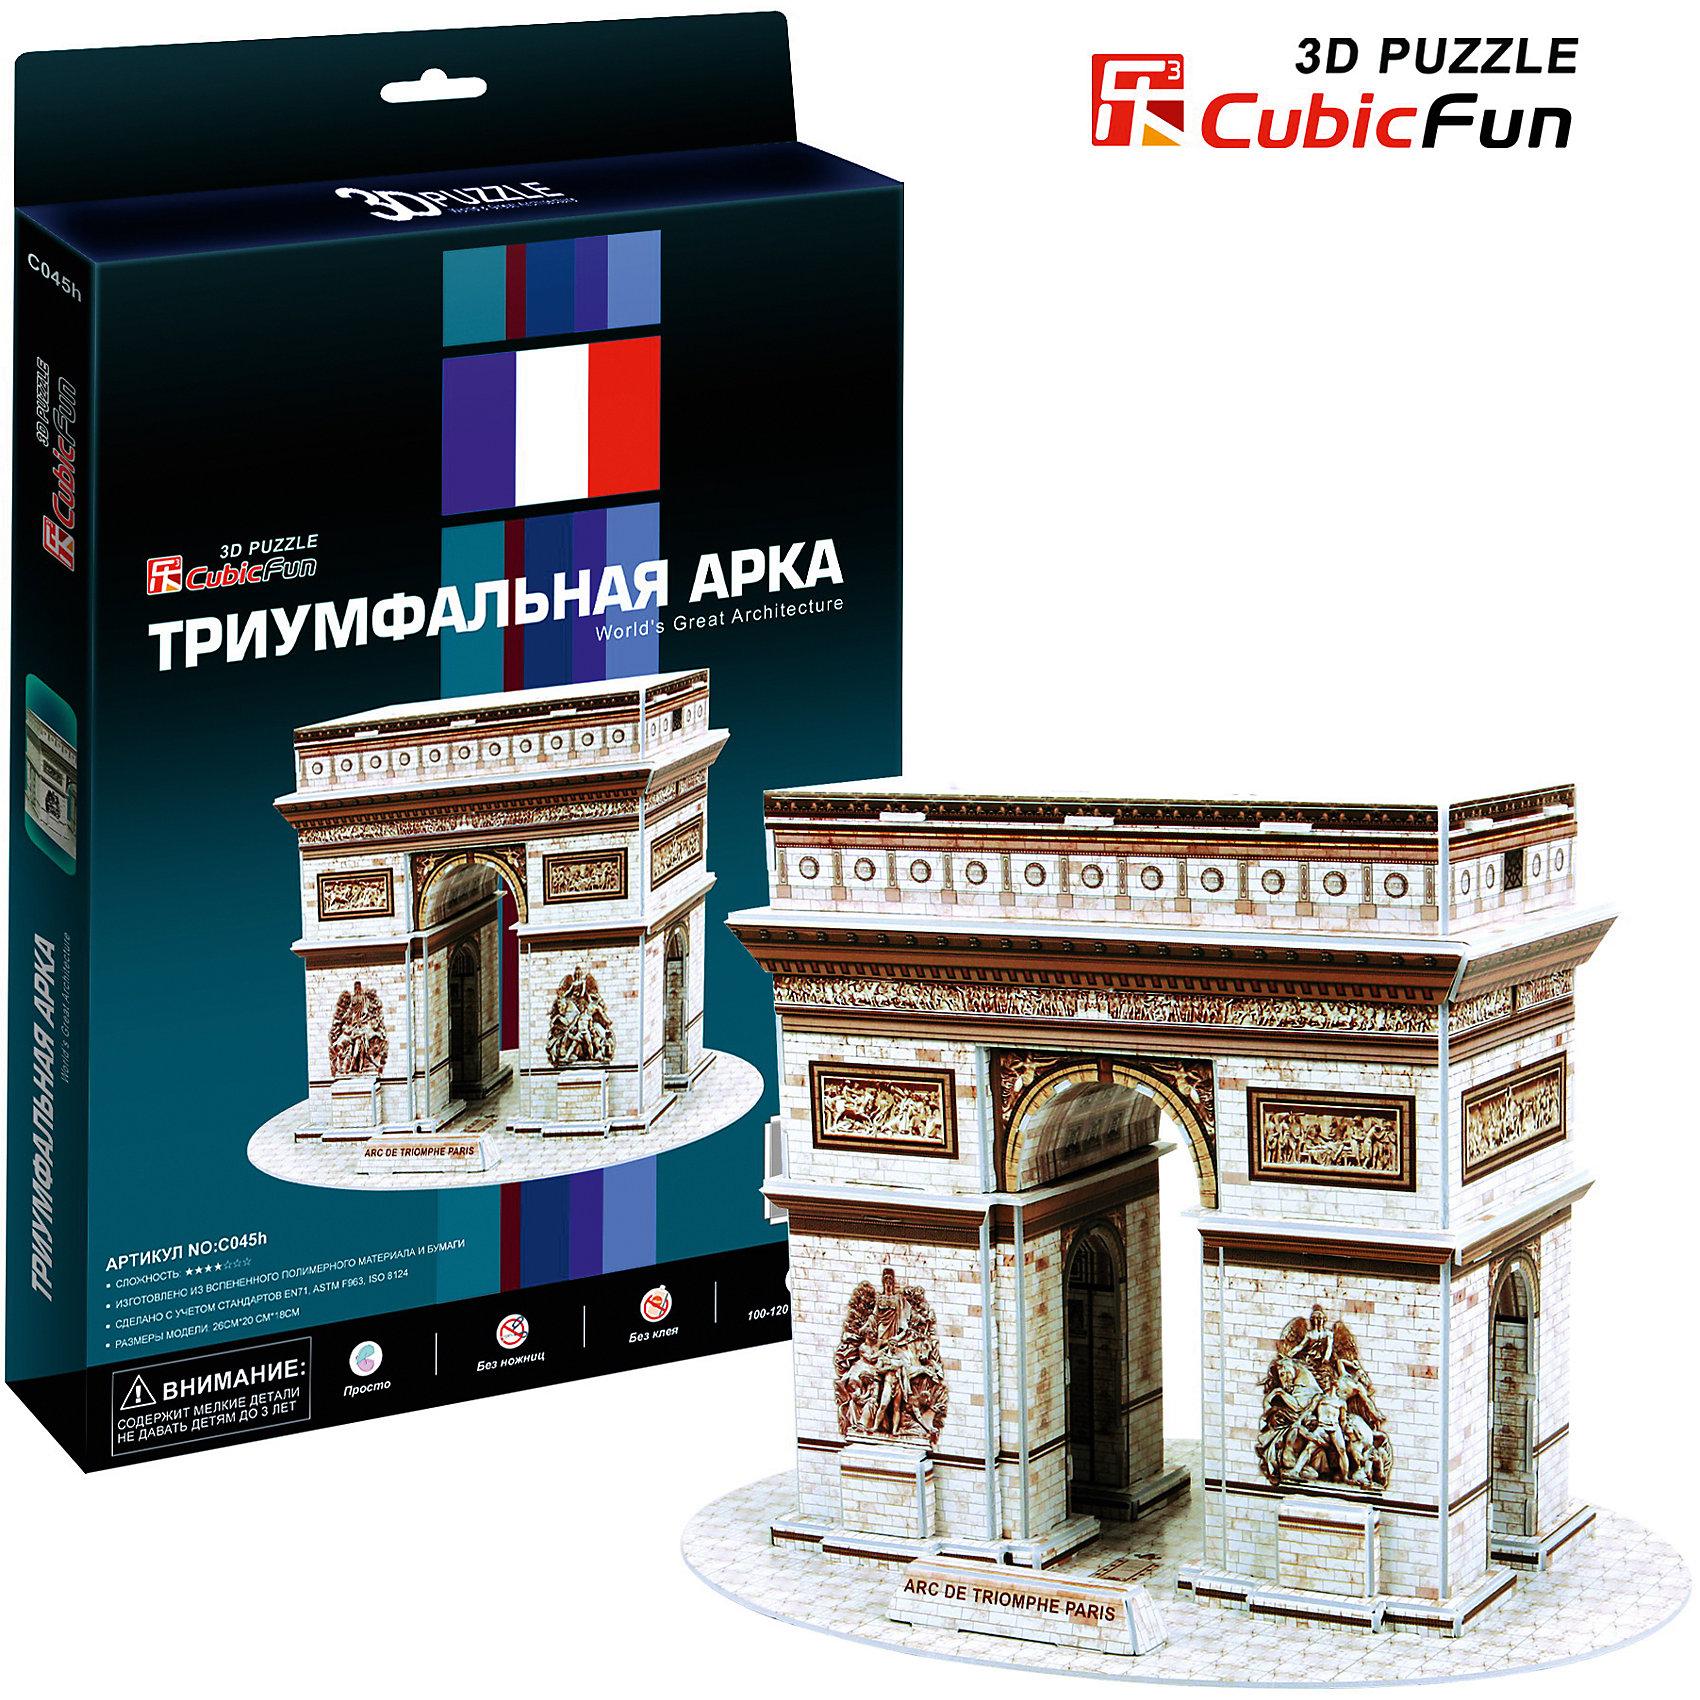 Пазл 3D Триумфальная арка (Франция), CubicFun3D пазлы<br>Cubic Fun C045h Кубик фан Триумфальная арка (Париж)<br>Серия шедевры мировой архитектуры Триумфальная арка (Париж). Знаменитая триумфальная арка, расположенная на площади Шарля де Голля, в верхней части Елисейских полей. Во время строительства она находилась за чертой города. Сооружена она была в 1806—1836 годах по распоряжению Наполеона архитектором Жаном Шальгреном.<br>Уровень сложности - 3<br>Функции:<br>- помогает в развитии логики и творческих способностей ребенка;<br>- помогает в формировании мышления, речи, внимания, восприятия и воображения;<br>- развивает моторику рук;<br>- расширяет кругозор ребенка и стимулирует к познанию новой информации;<br>Практические характеристики:<br>- обучающая, яркая и реалистичная модель;<br>- идеально и легко собирается без инструментов;<br>- увлекательный игровой процесс;<br>- тематический ассортимент;<br>- новый качественный материал (ламинированный пенокартон).<br><br>Ширина мм: 20<br>Глубина мм: 300<br>Высота мм: 220<br>Вес г: 317<br>Возраст от месяцев: 72<br>Возраст до месяцев: 192<br>Пол: Унисекс<br>Возраст: Детский<br>SKU: 4951137